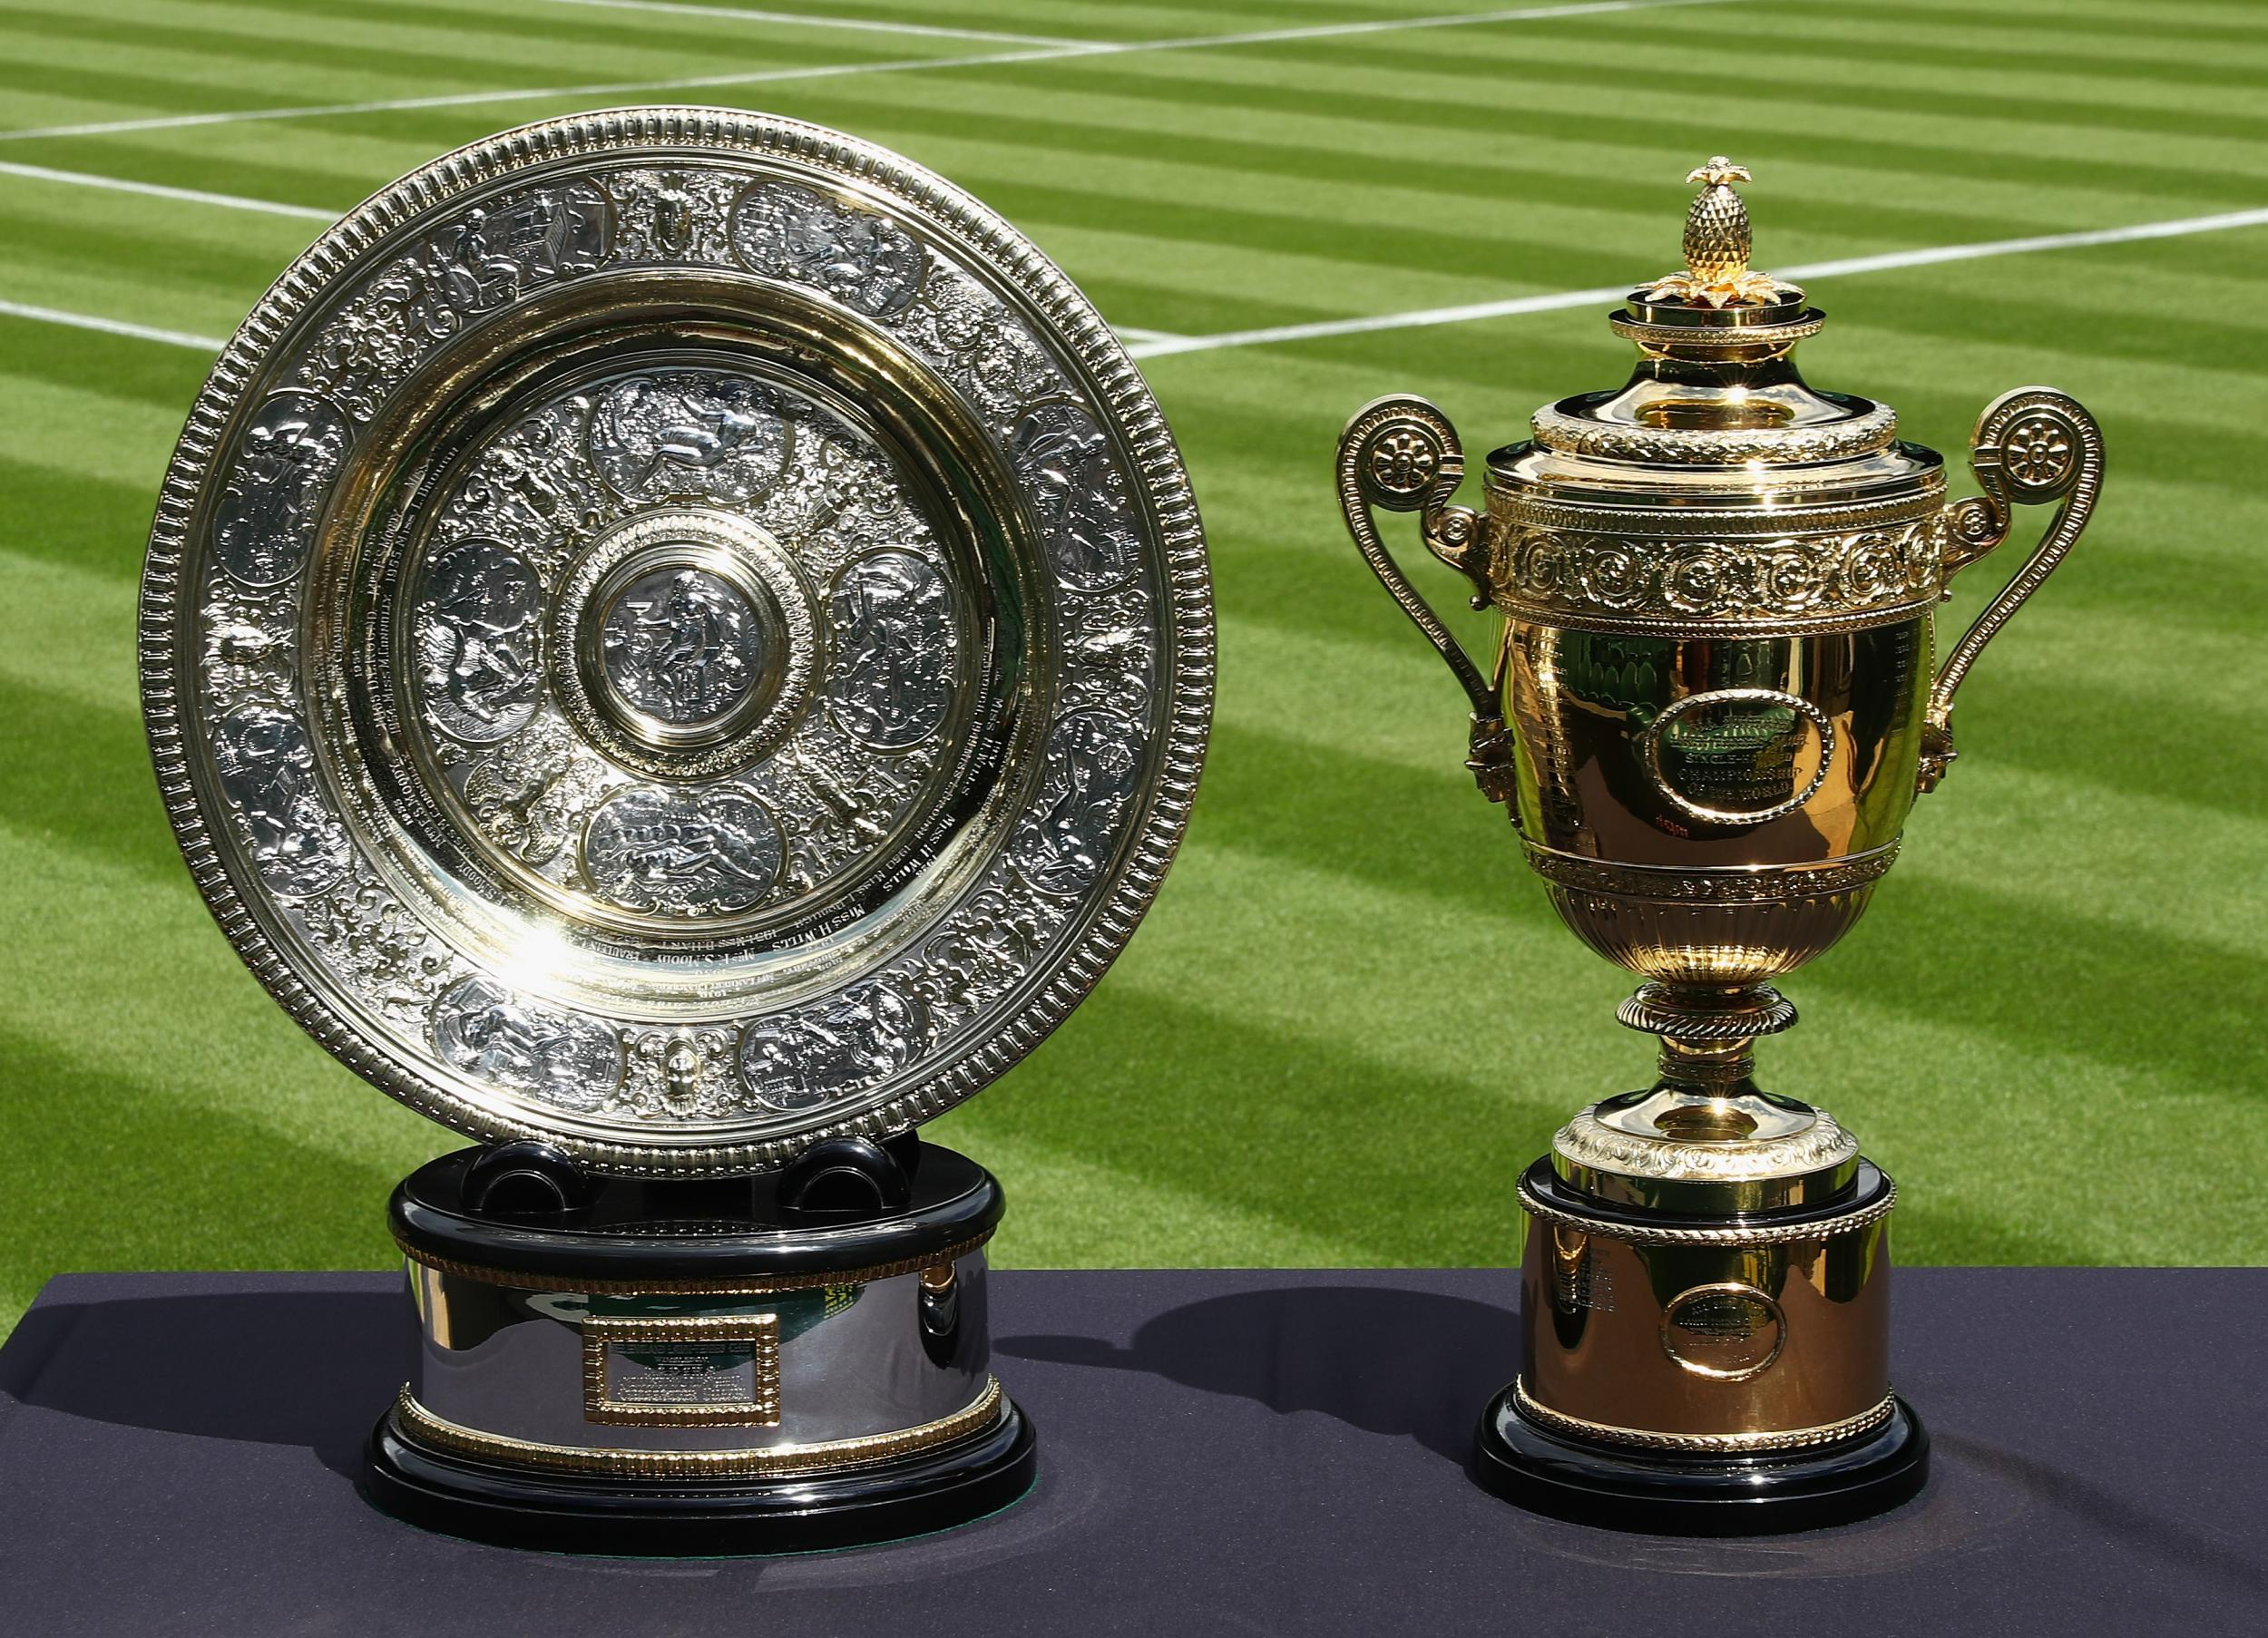 Wimbledon 2017 Prize Money The Observer